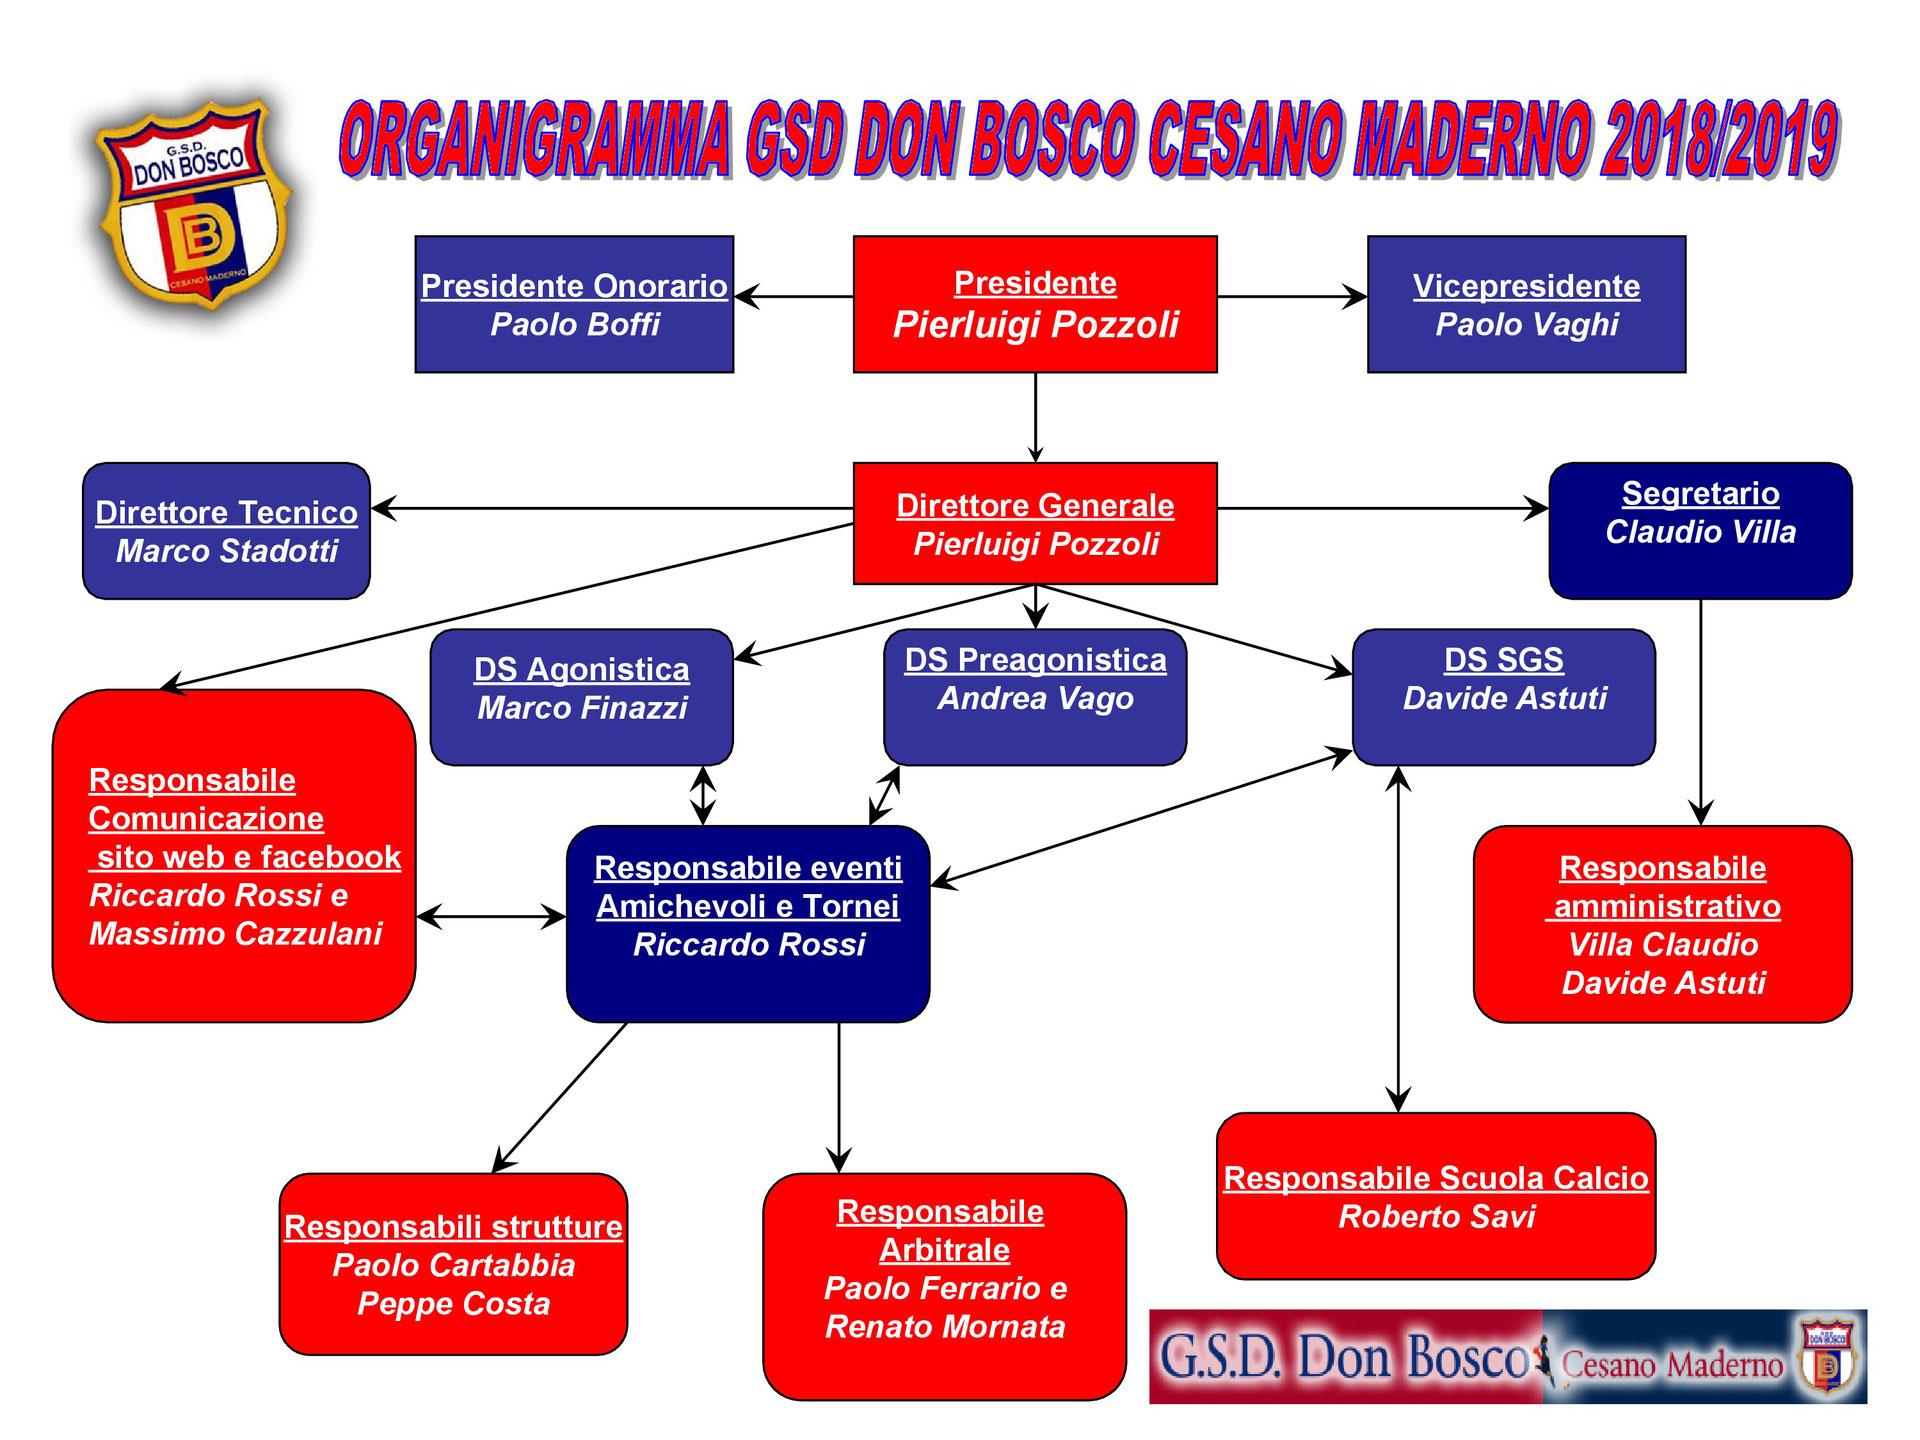 Organigramma - GS Don Bosco Cesano Maderno